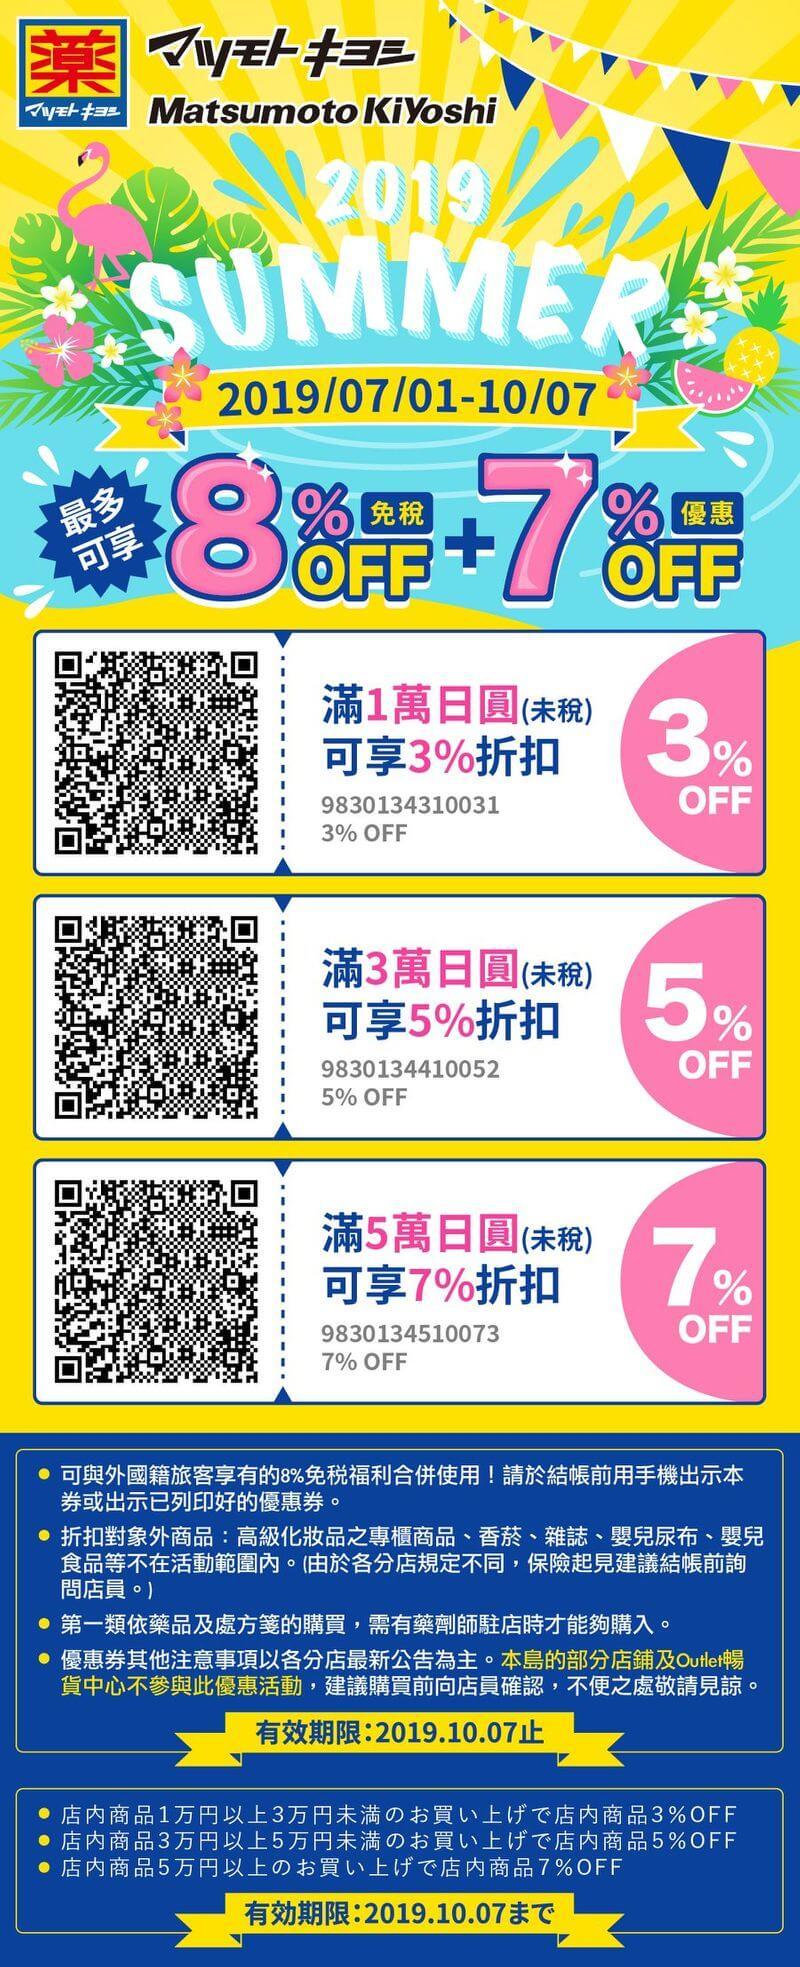 沖繩優惠券-2019summer松本清藥妝優惠券